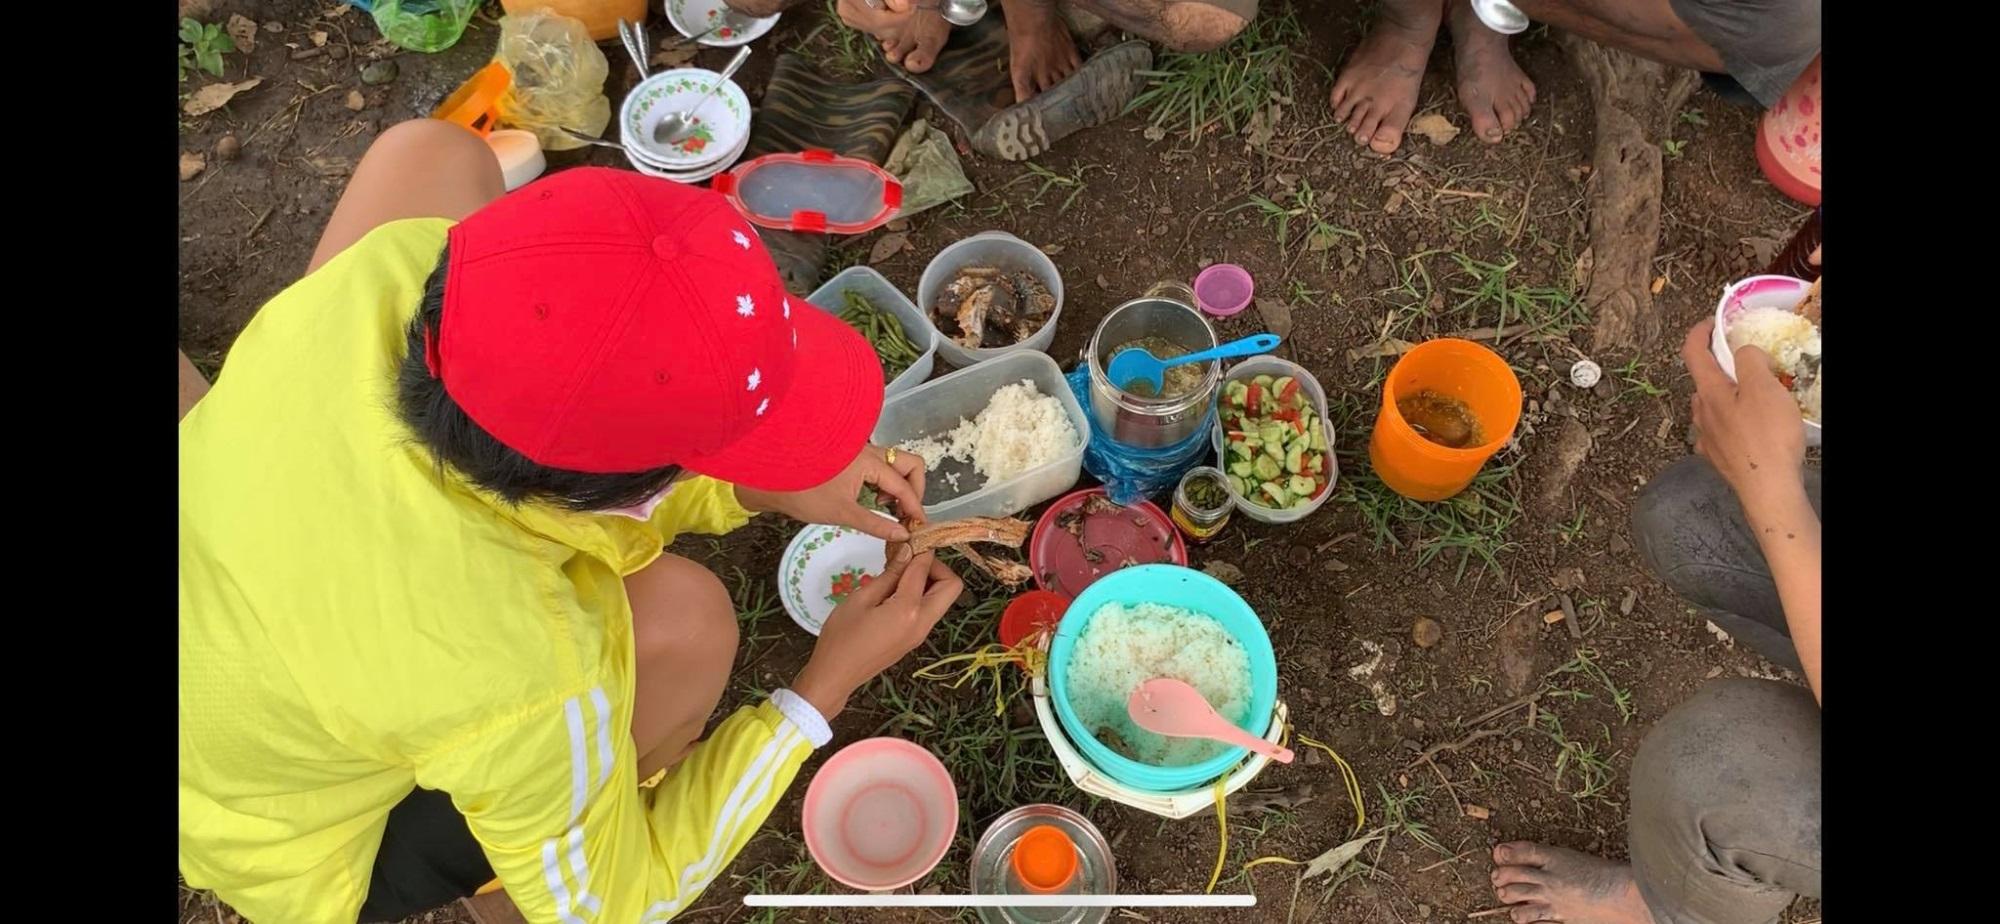 'Phát sốt' với hình ảnh H'Hen Niê bì bõm lội ruộng làm đồng, ngồi chồm hổm ăn cơm với cá khô - Ảnh 5